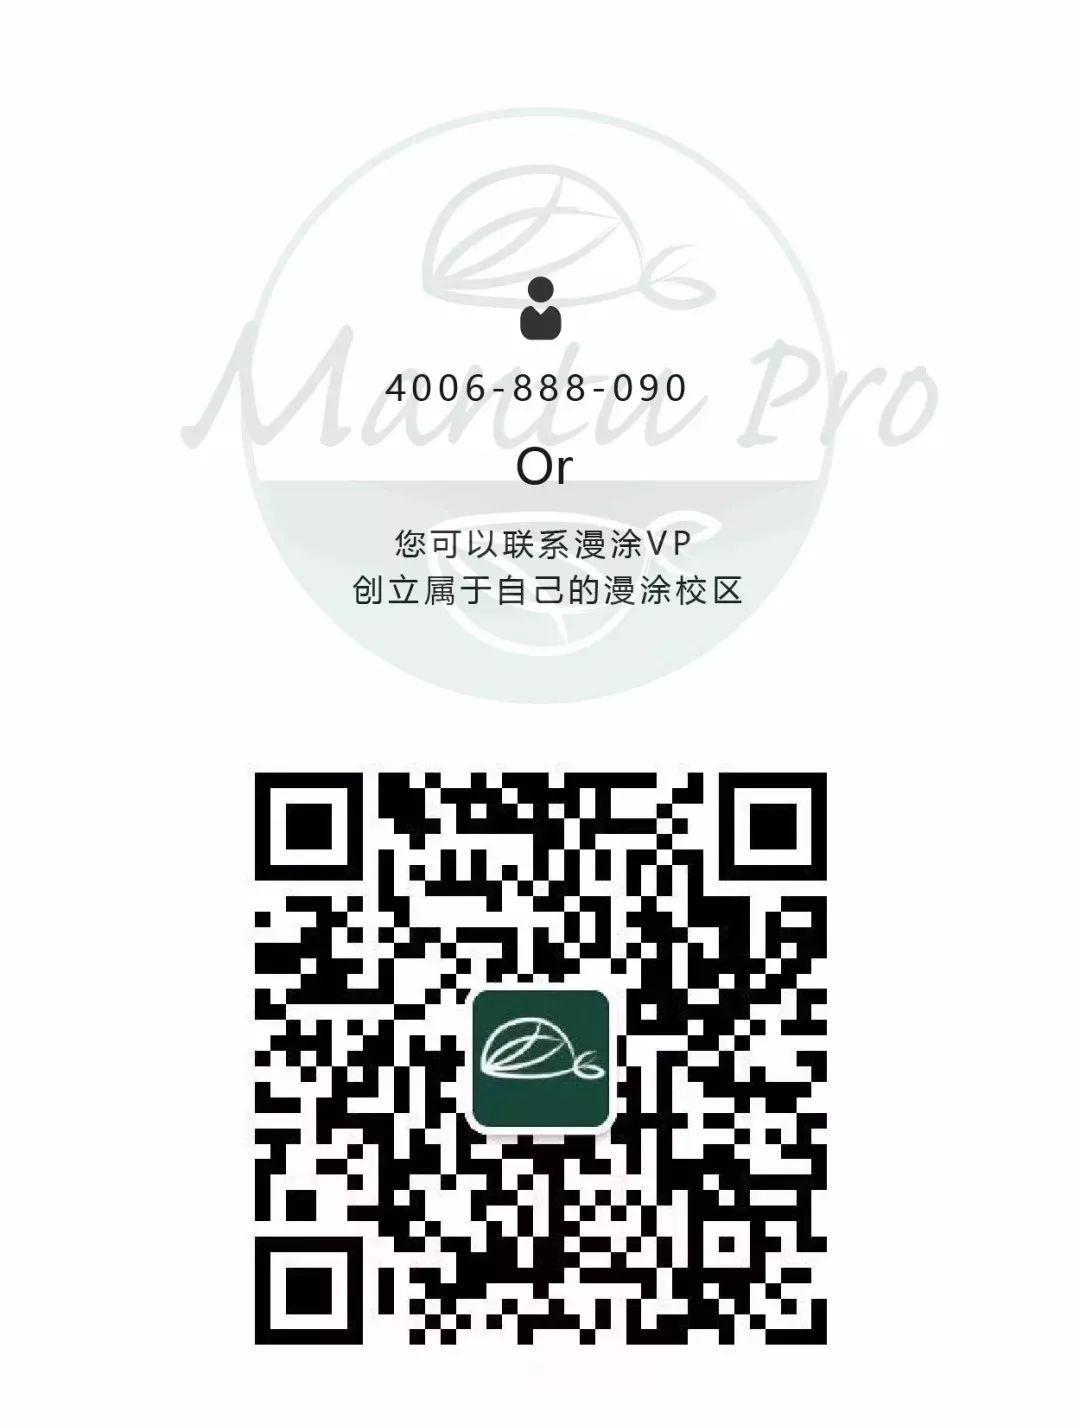 2019夏,漫涂——阿那亚,海岸别墅独立营,ACTION